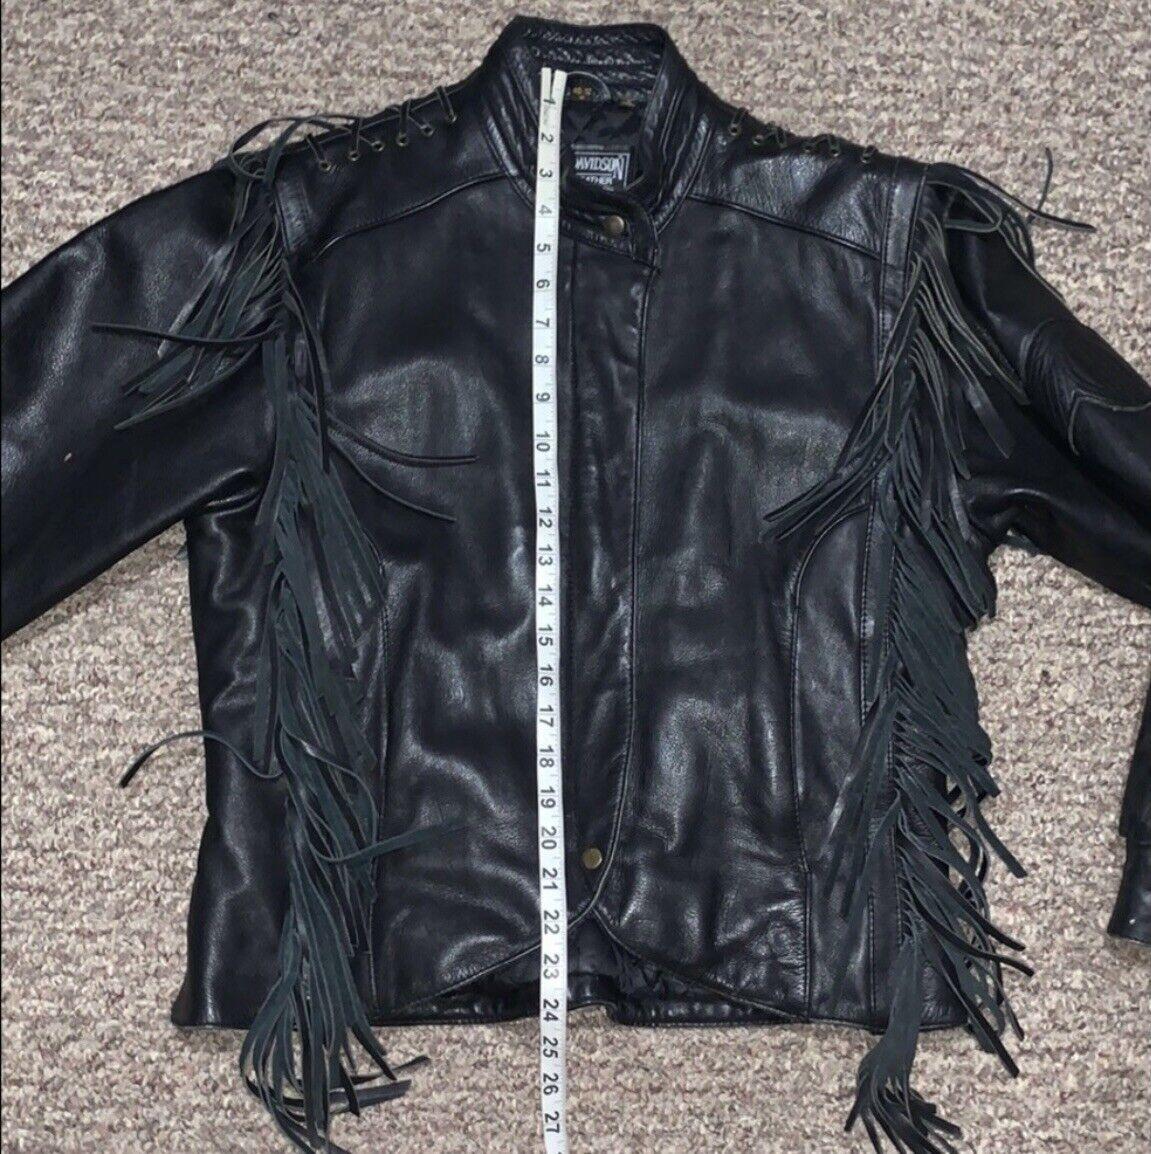 HARLEY DAVIDSON Black Fringed leather moto Jacket - image 5